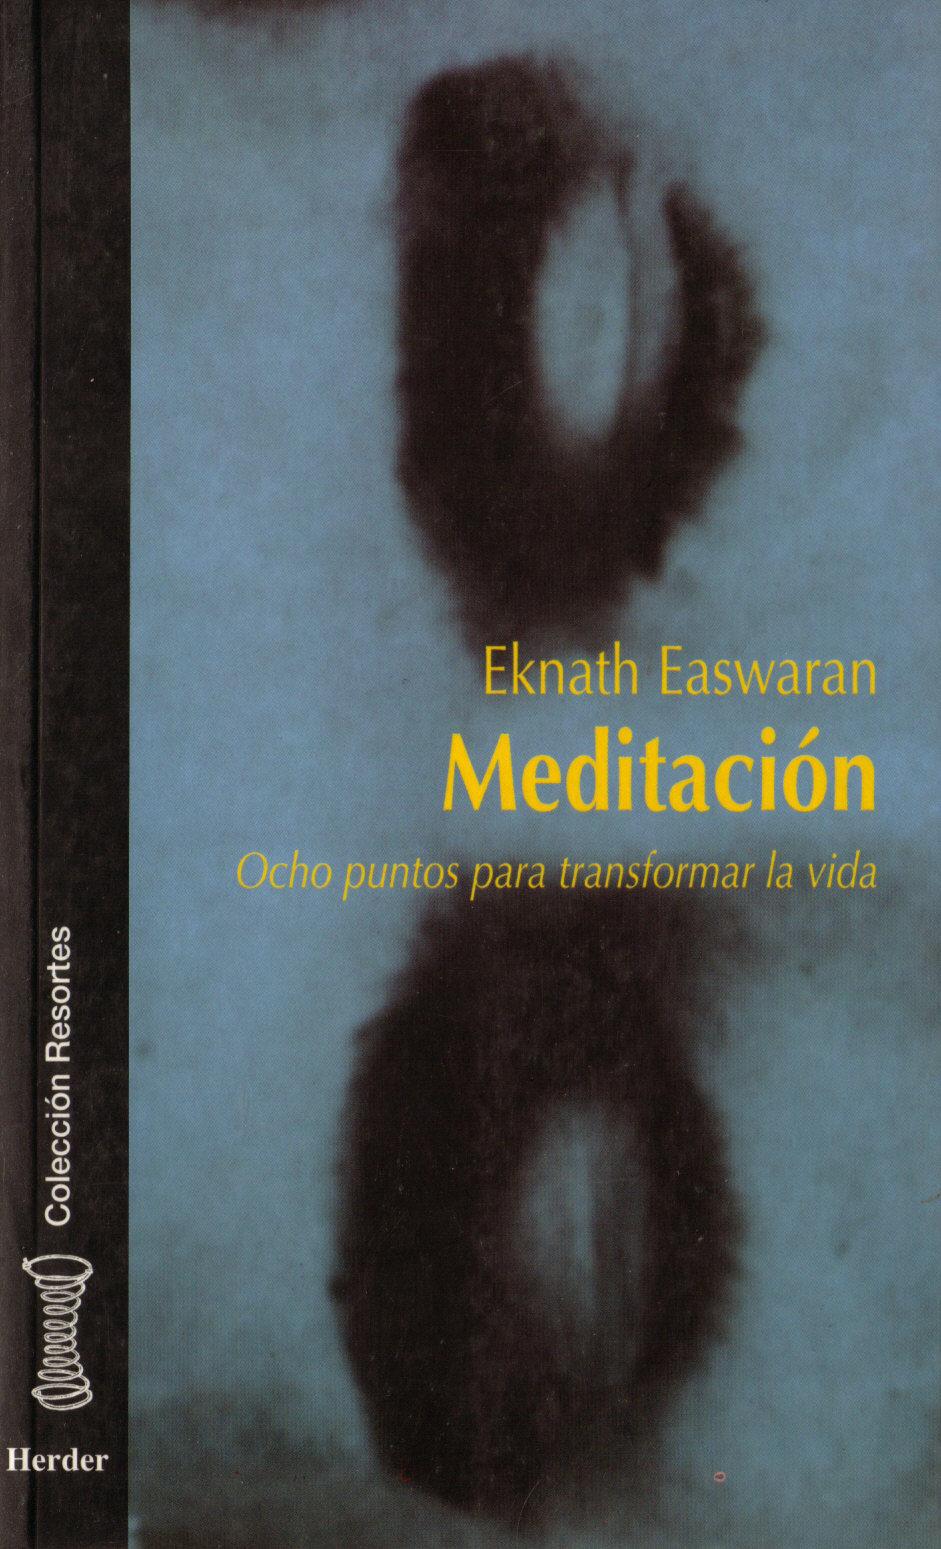 meditacion: ocho puntos para transformar la vida-eknath easwaran-9788425418839